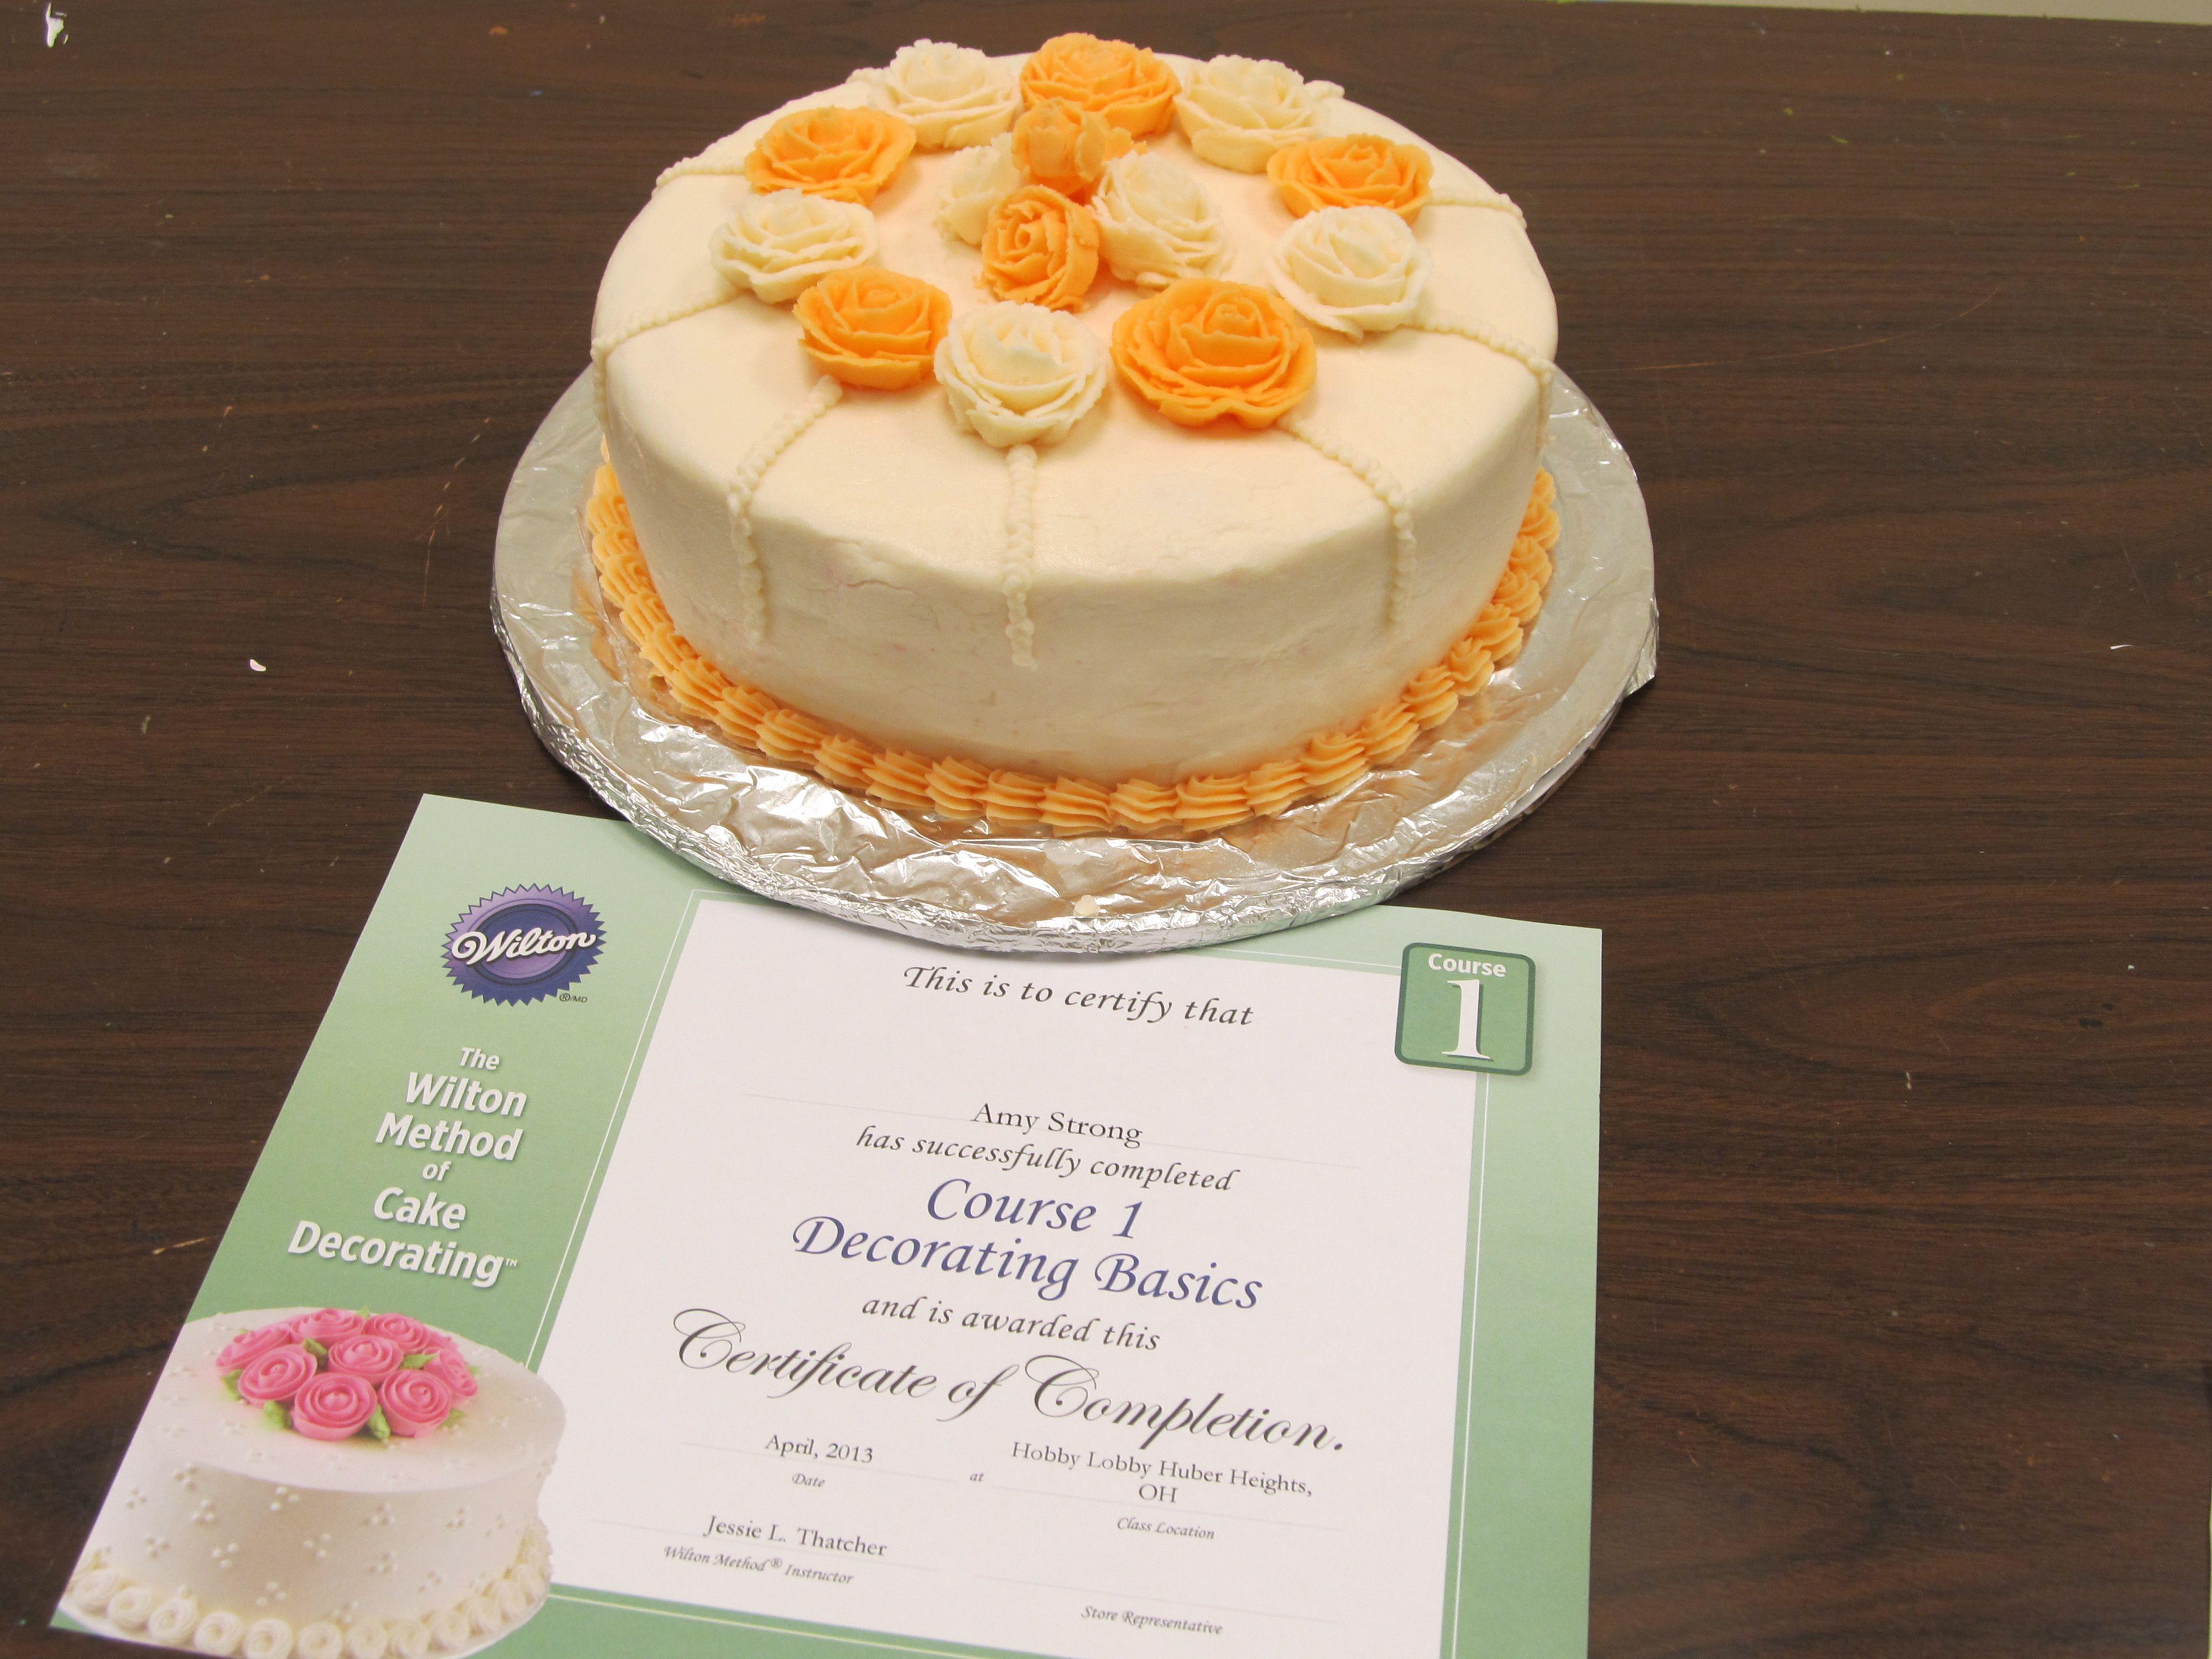 Finished product  Cake decorating classes, Cake decorating